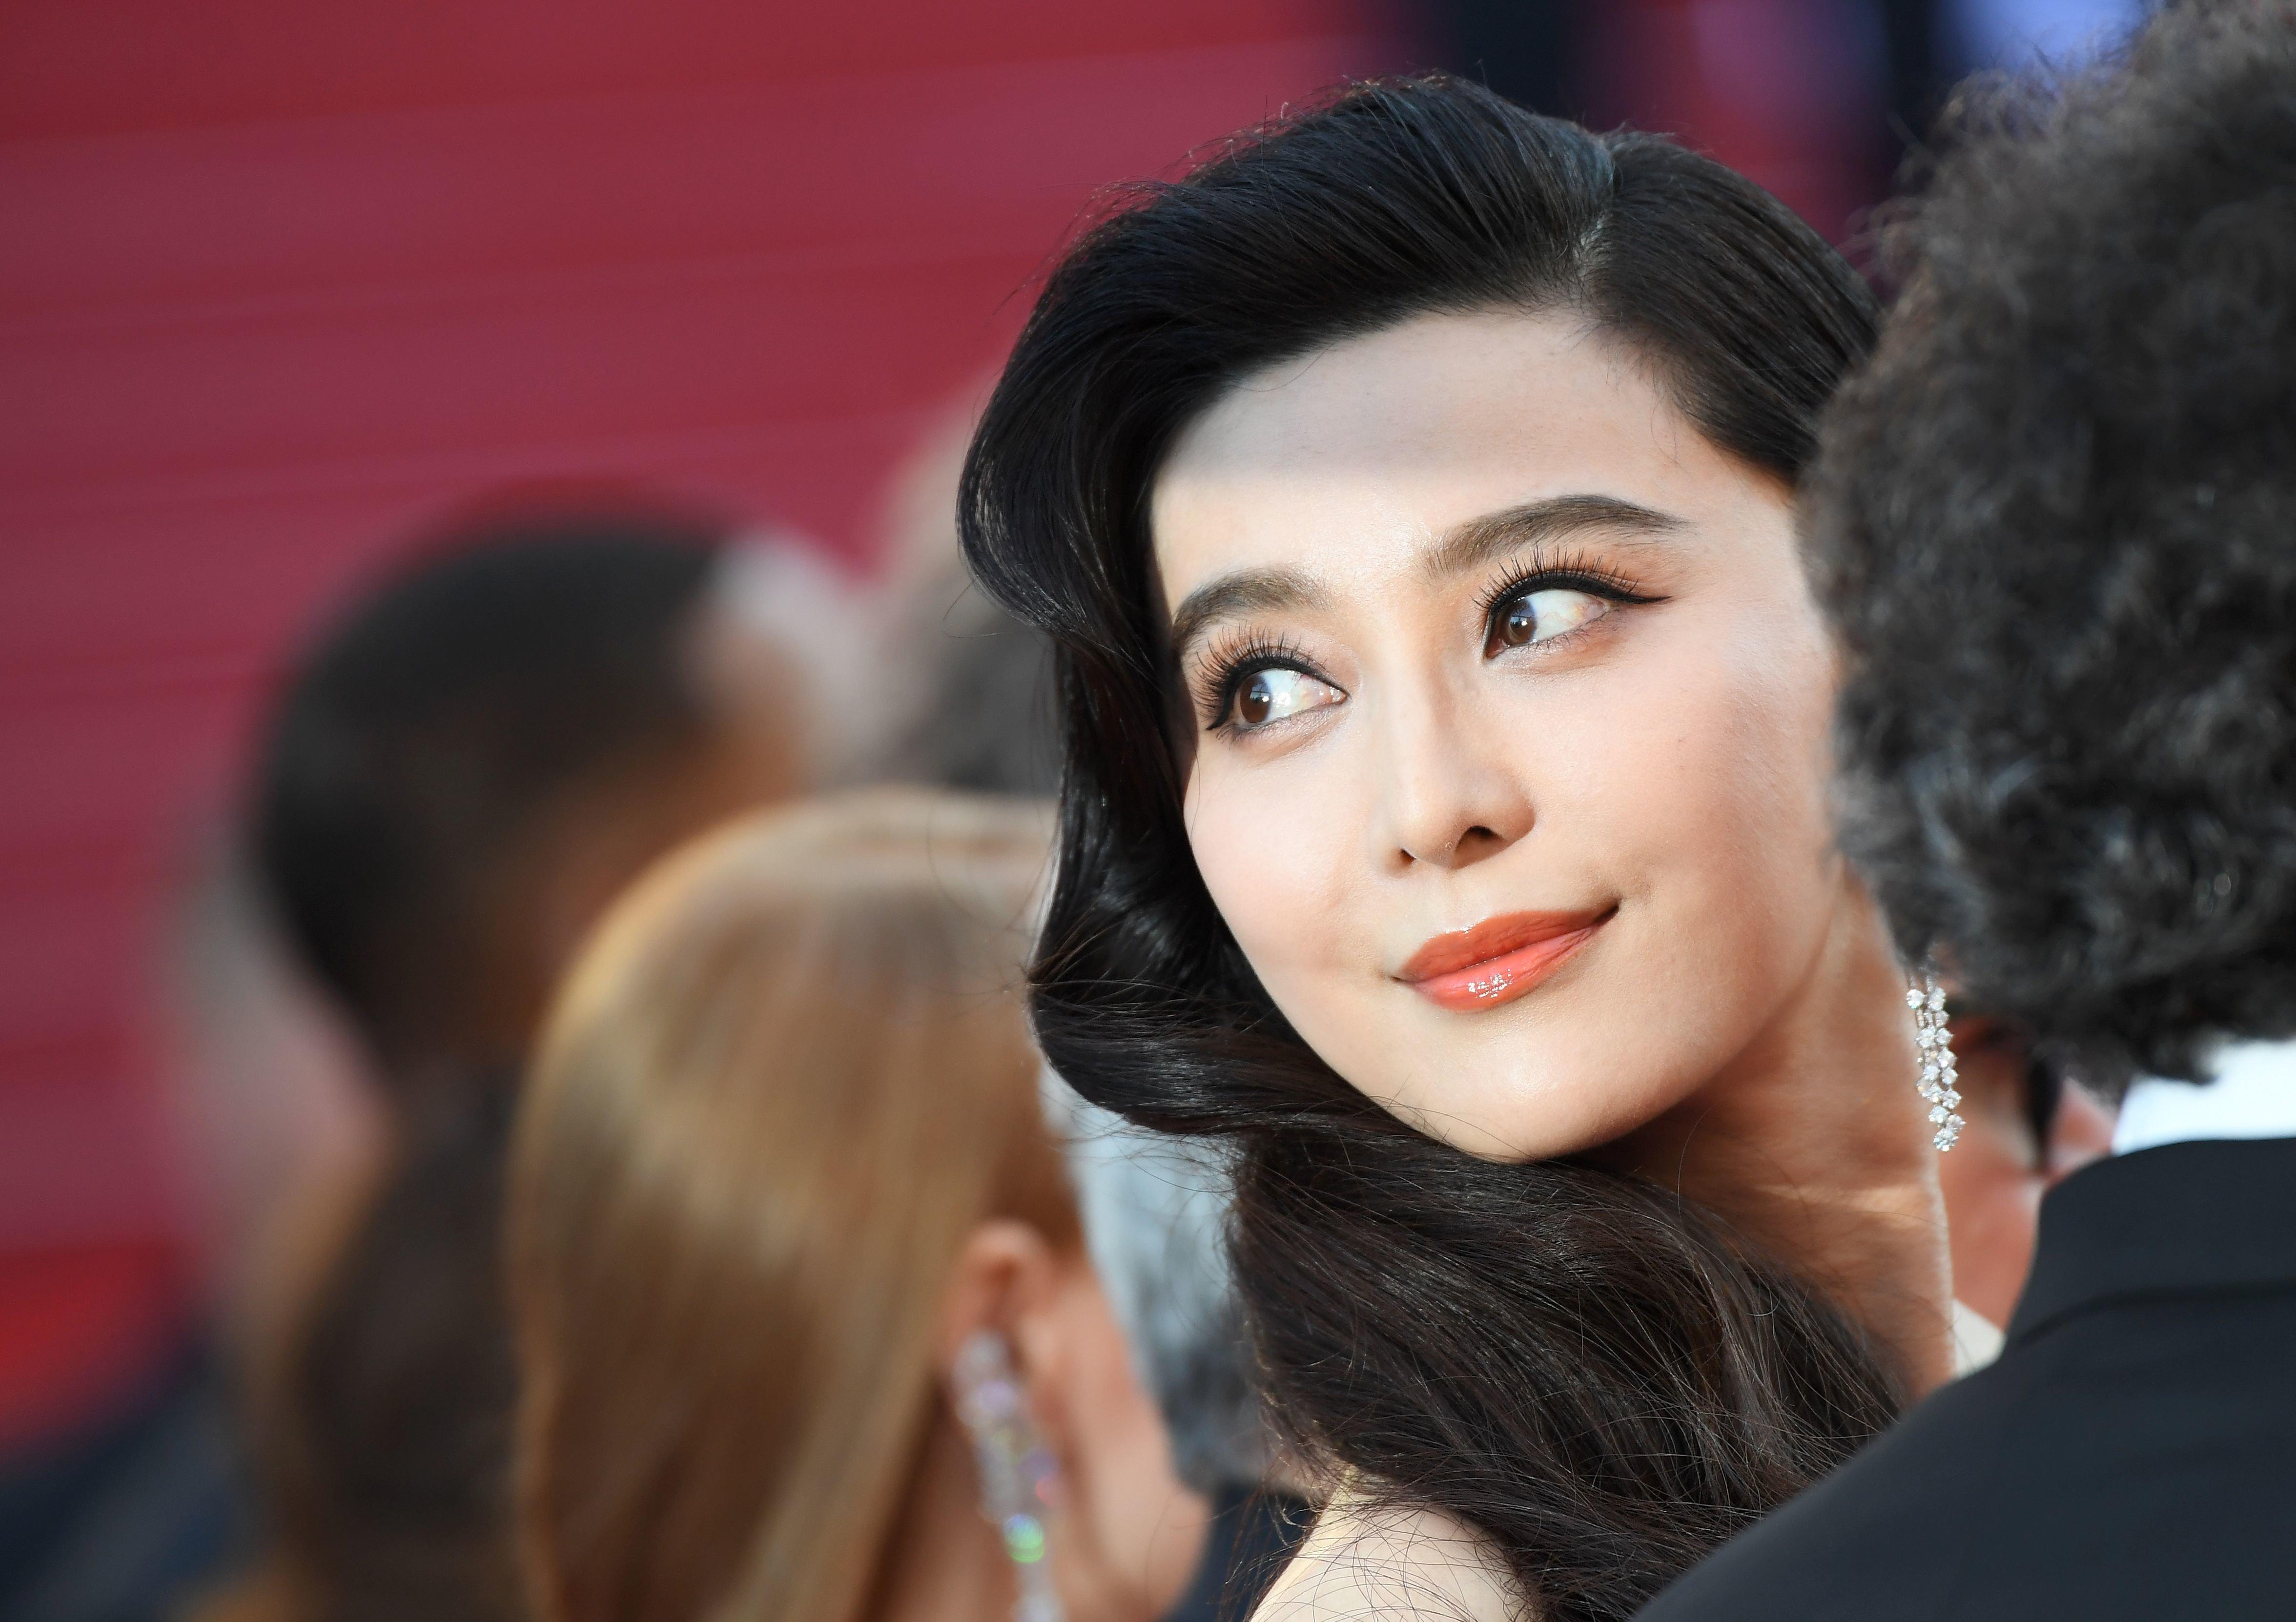 Η πιο διάσημη ηθοποιός της Κίνας «εξαφανίστηκε» σαν να μην υπήρξε ποτέ. Και όλοι φοβούνται το ίδιο